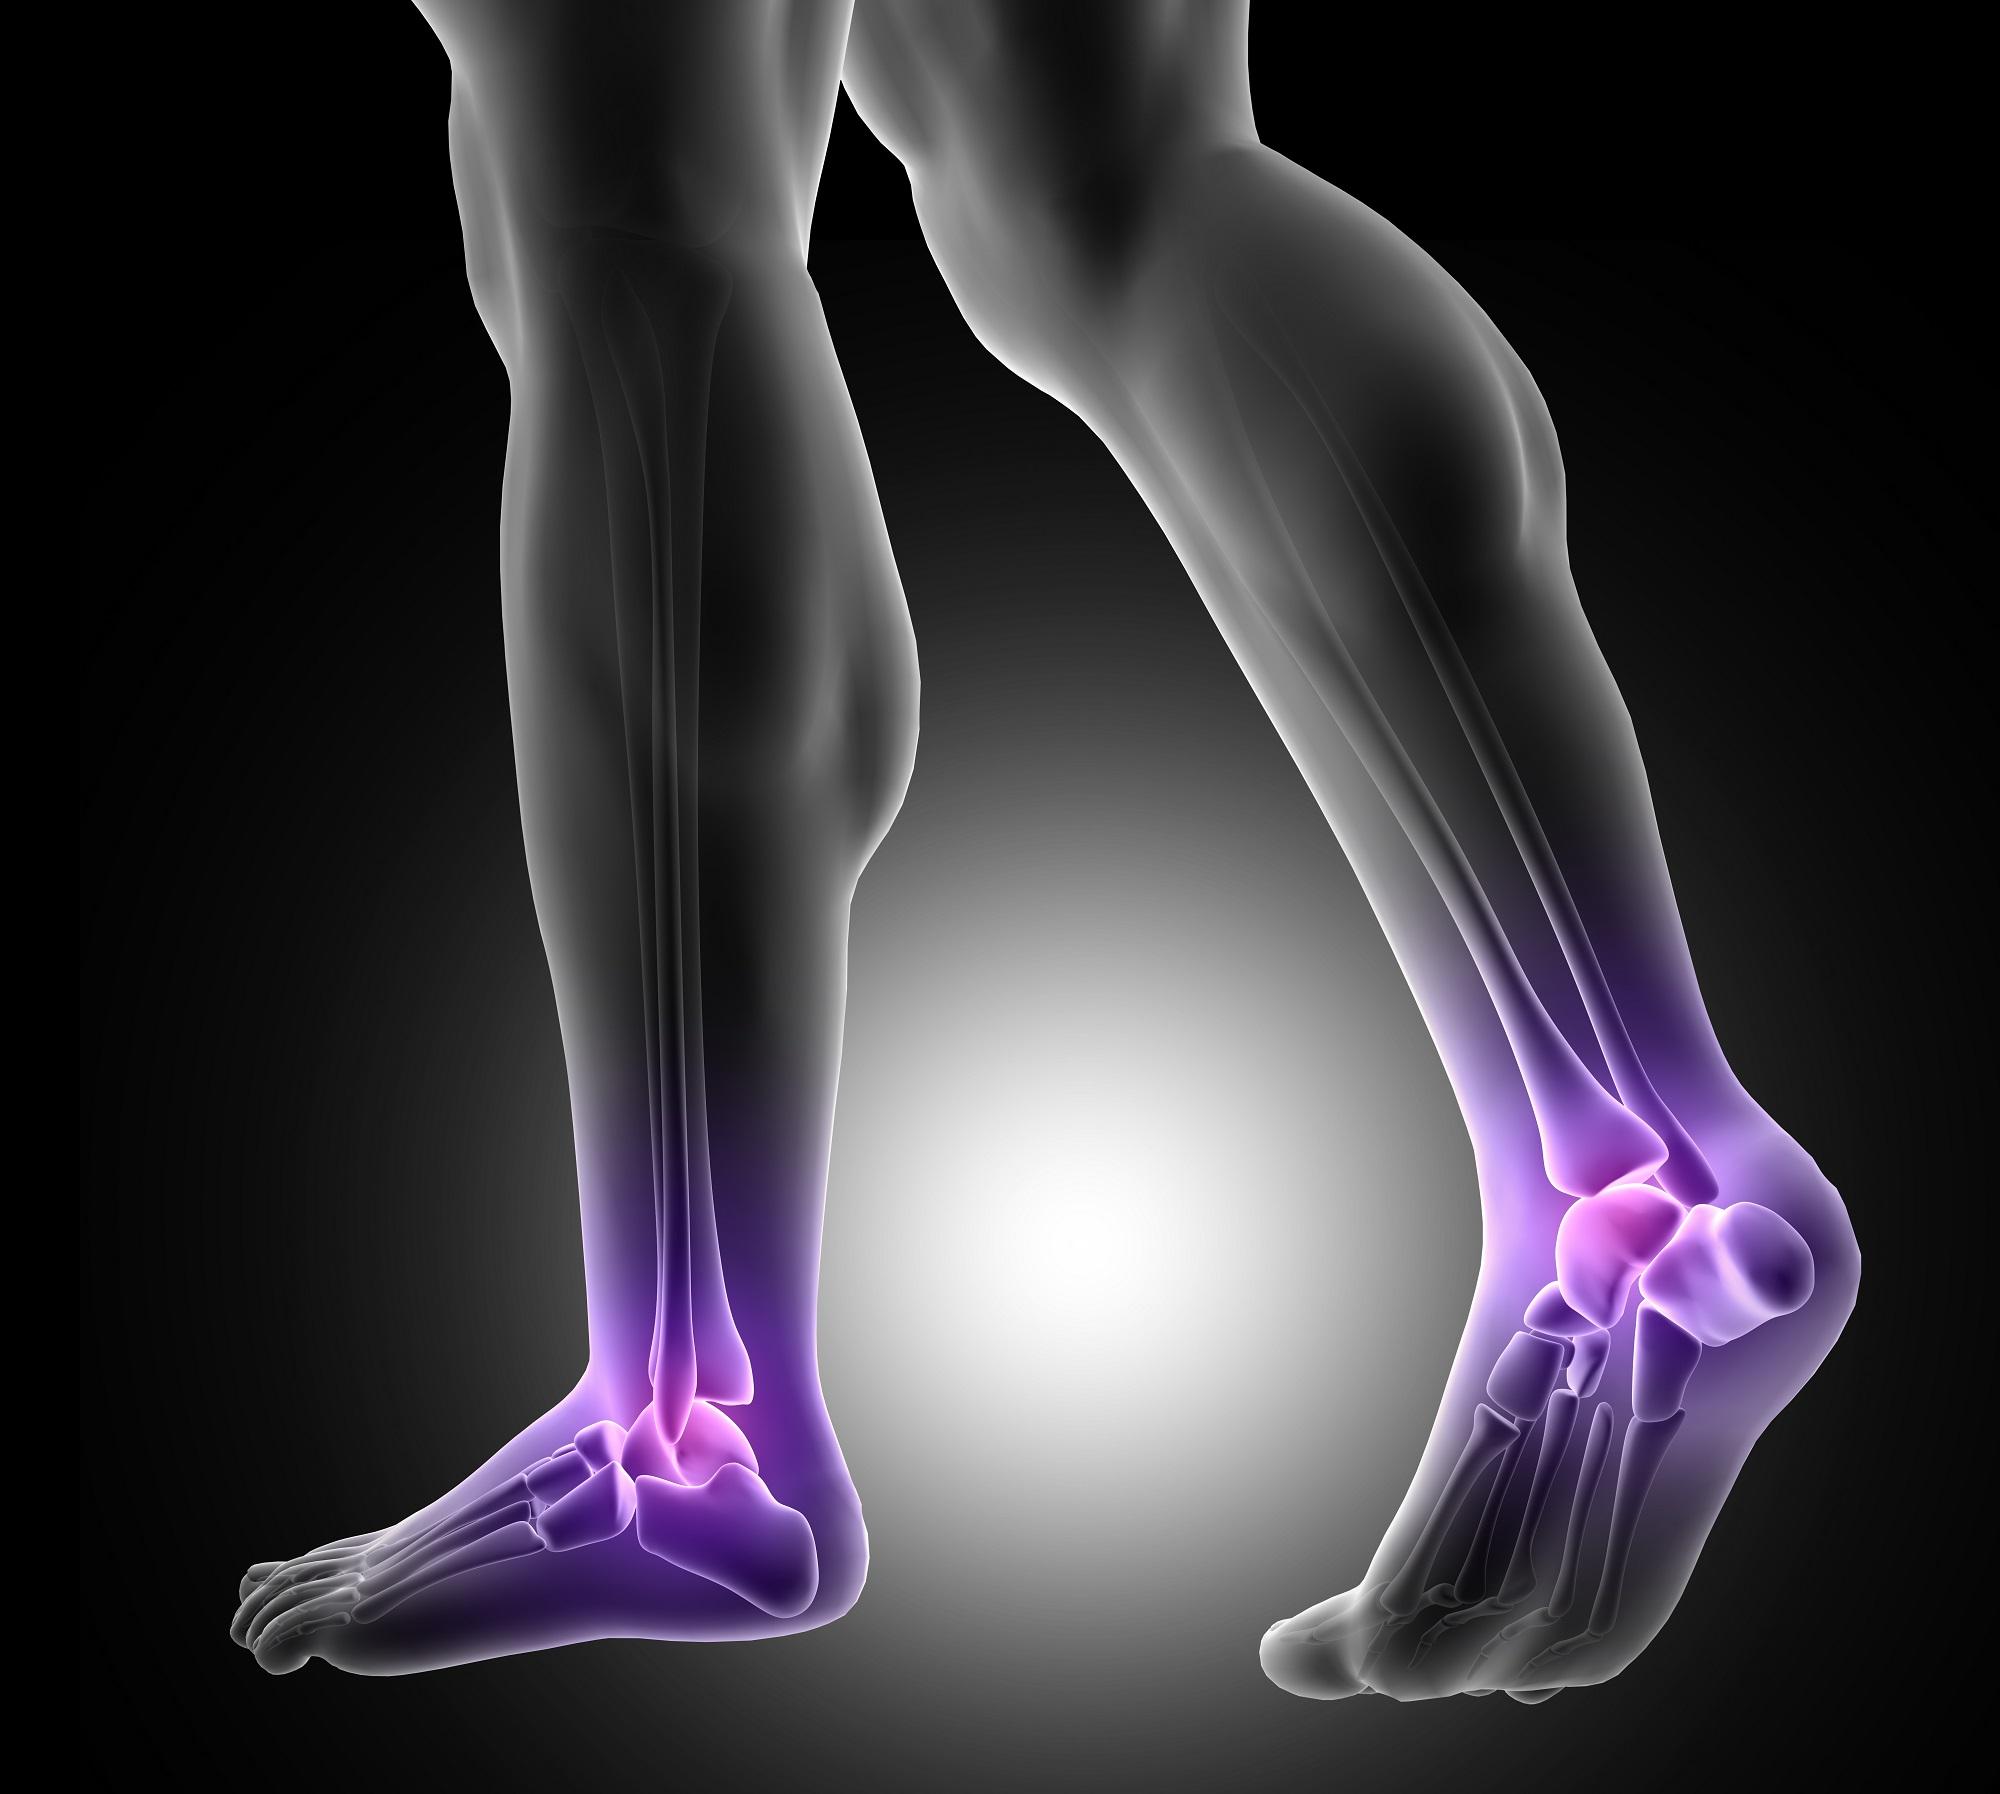 gyakorlatok lábak izületi fájdalmakkal mi köze az ízületek súlyos fájdalmaihoz